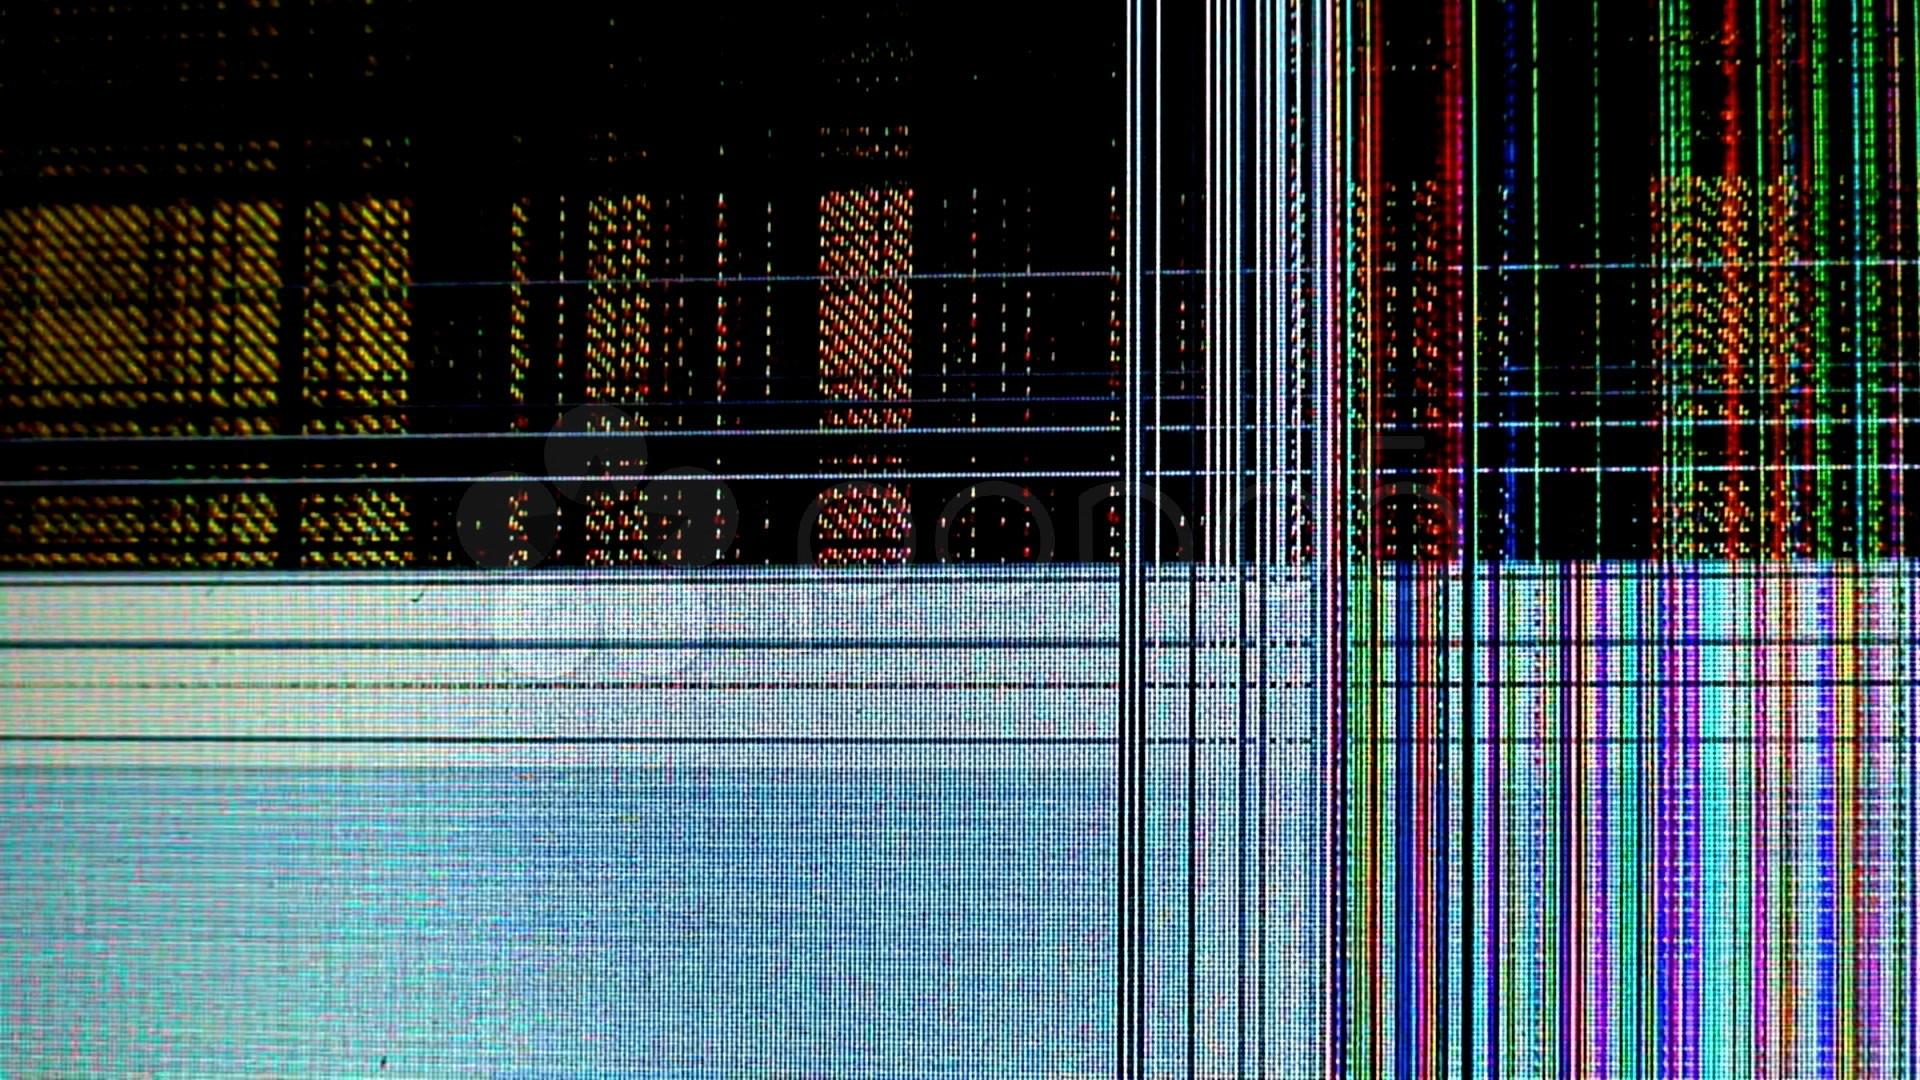 broken lcd screen wallpaper (62+ images)